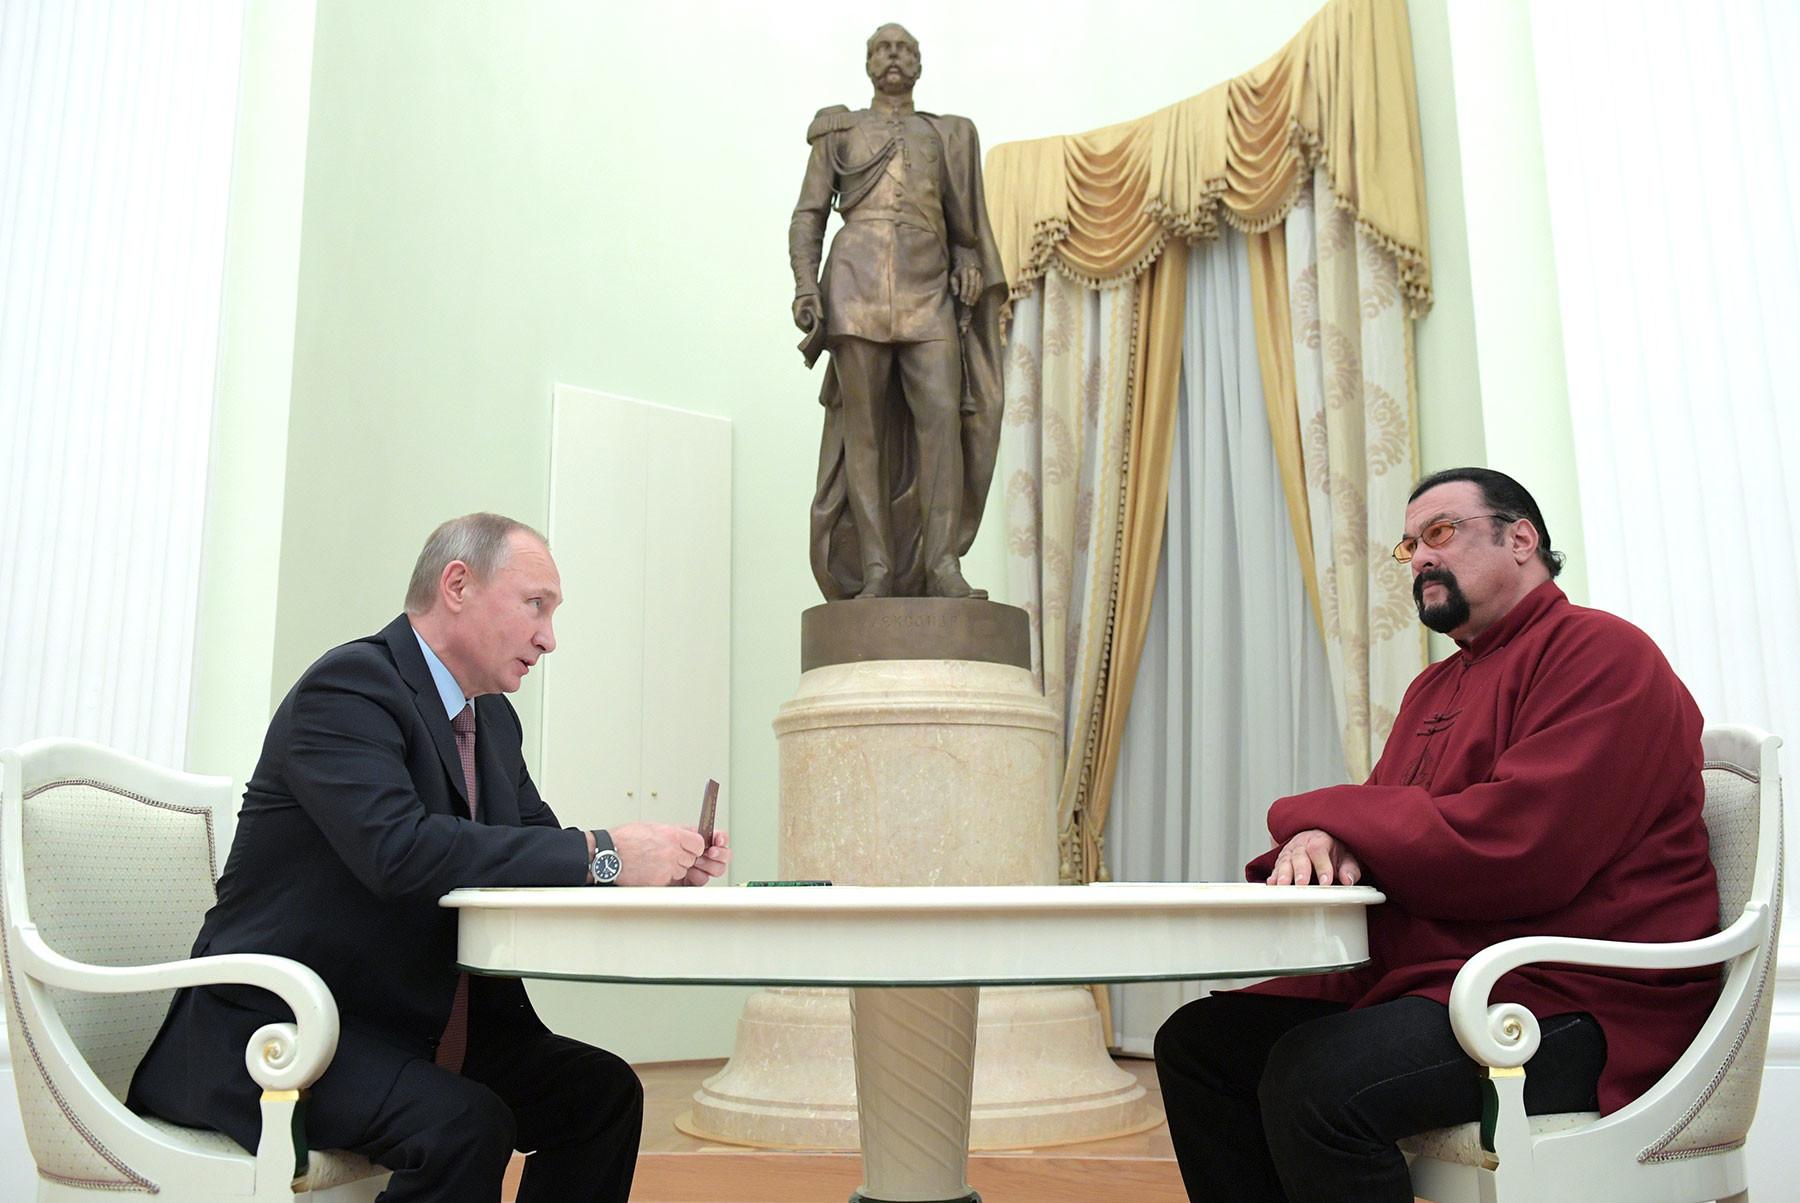 25 ноября 2016 года. Президент РФ Владимир Путин и американский актёр Стивен Сигал (справа) во время встречи в Кремле. Фото: © РИА Новости / Алексей Дружинин